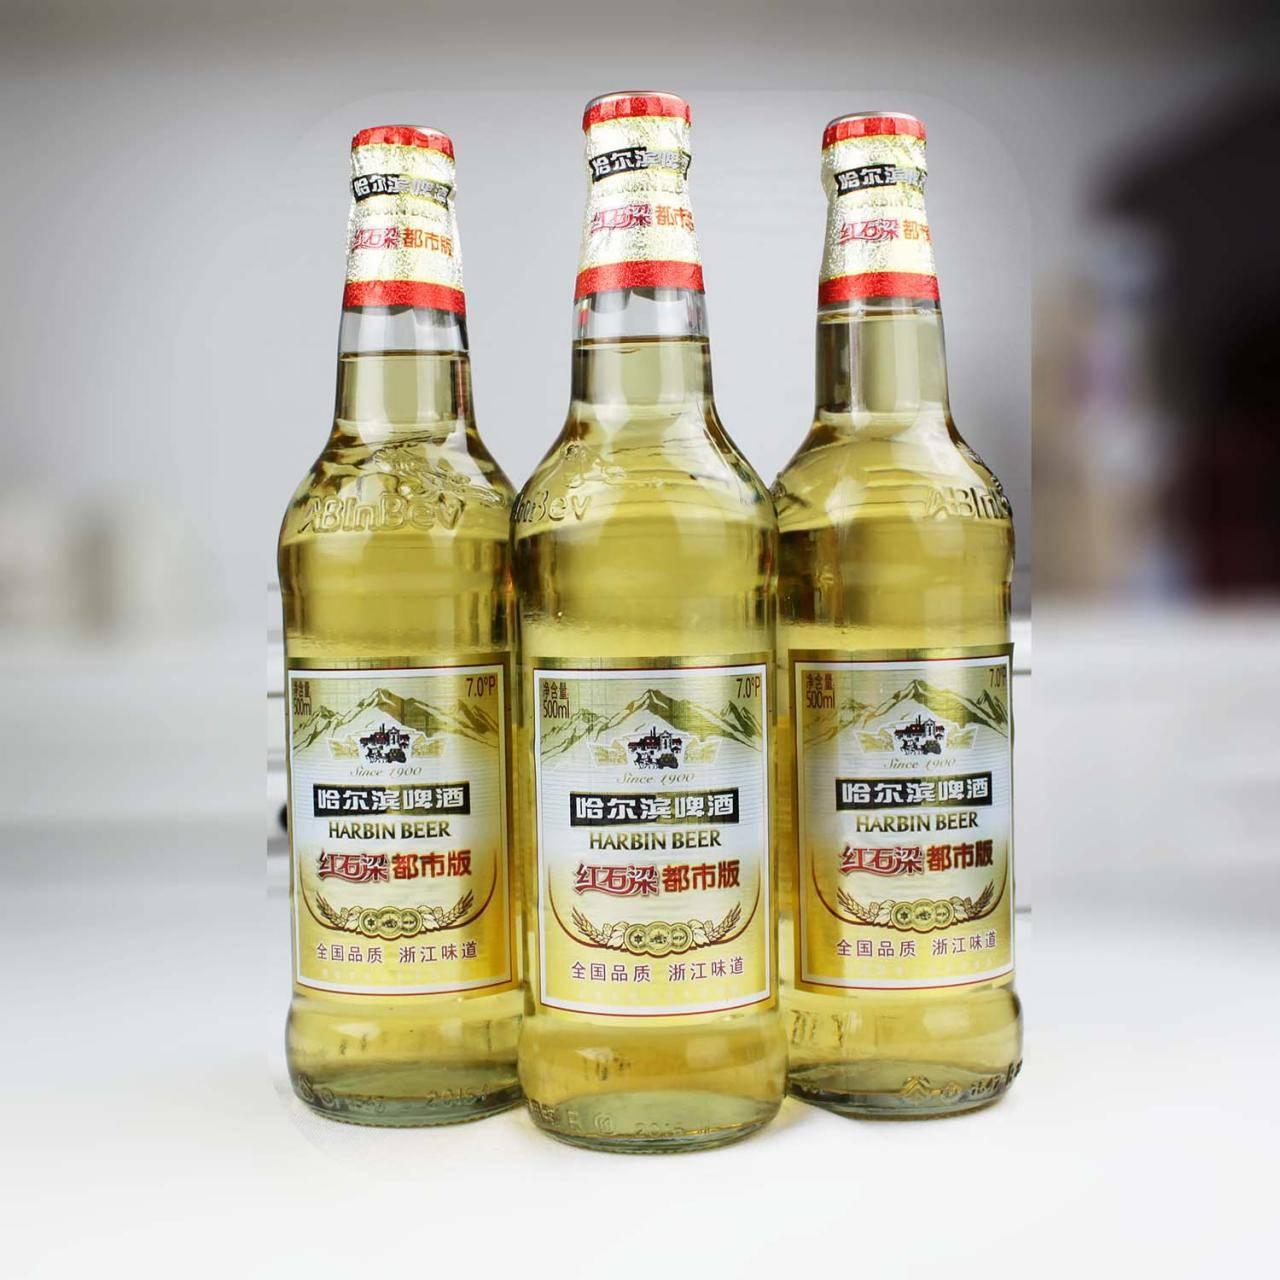 小瓶啤酒价格-可以雪啤酒价格-大麦丫-精酿啤酒连锁超市,工厂店平价酒吧免费加盟